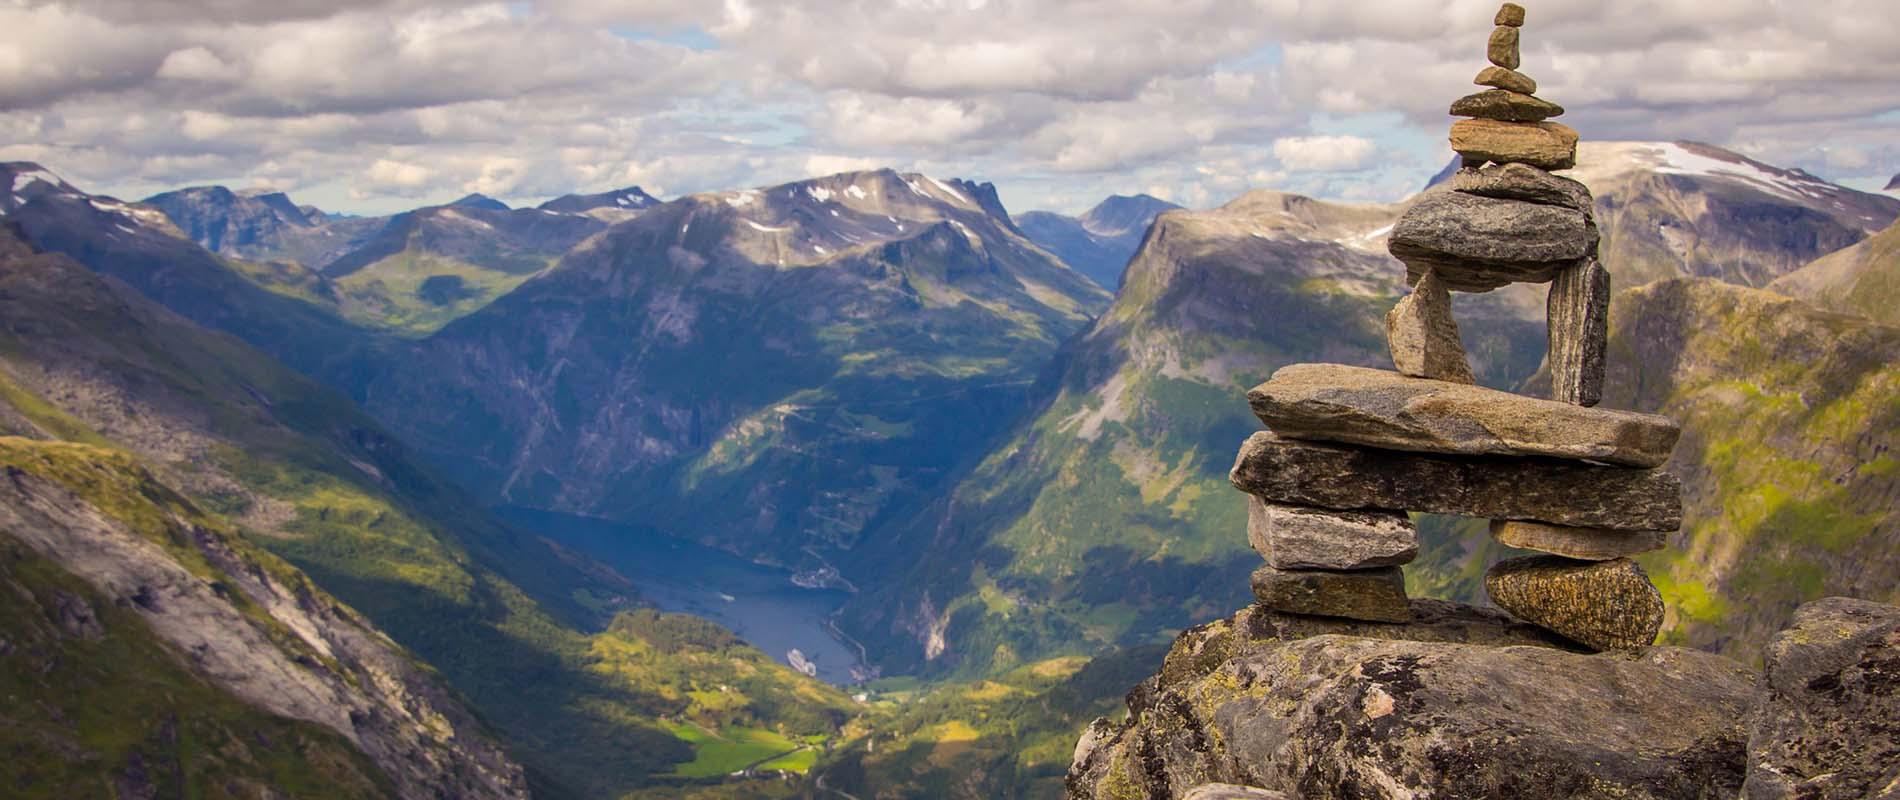 Quand sera programmée votre croisière dans les fjords?